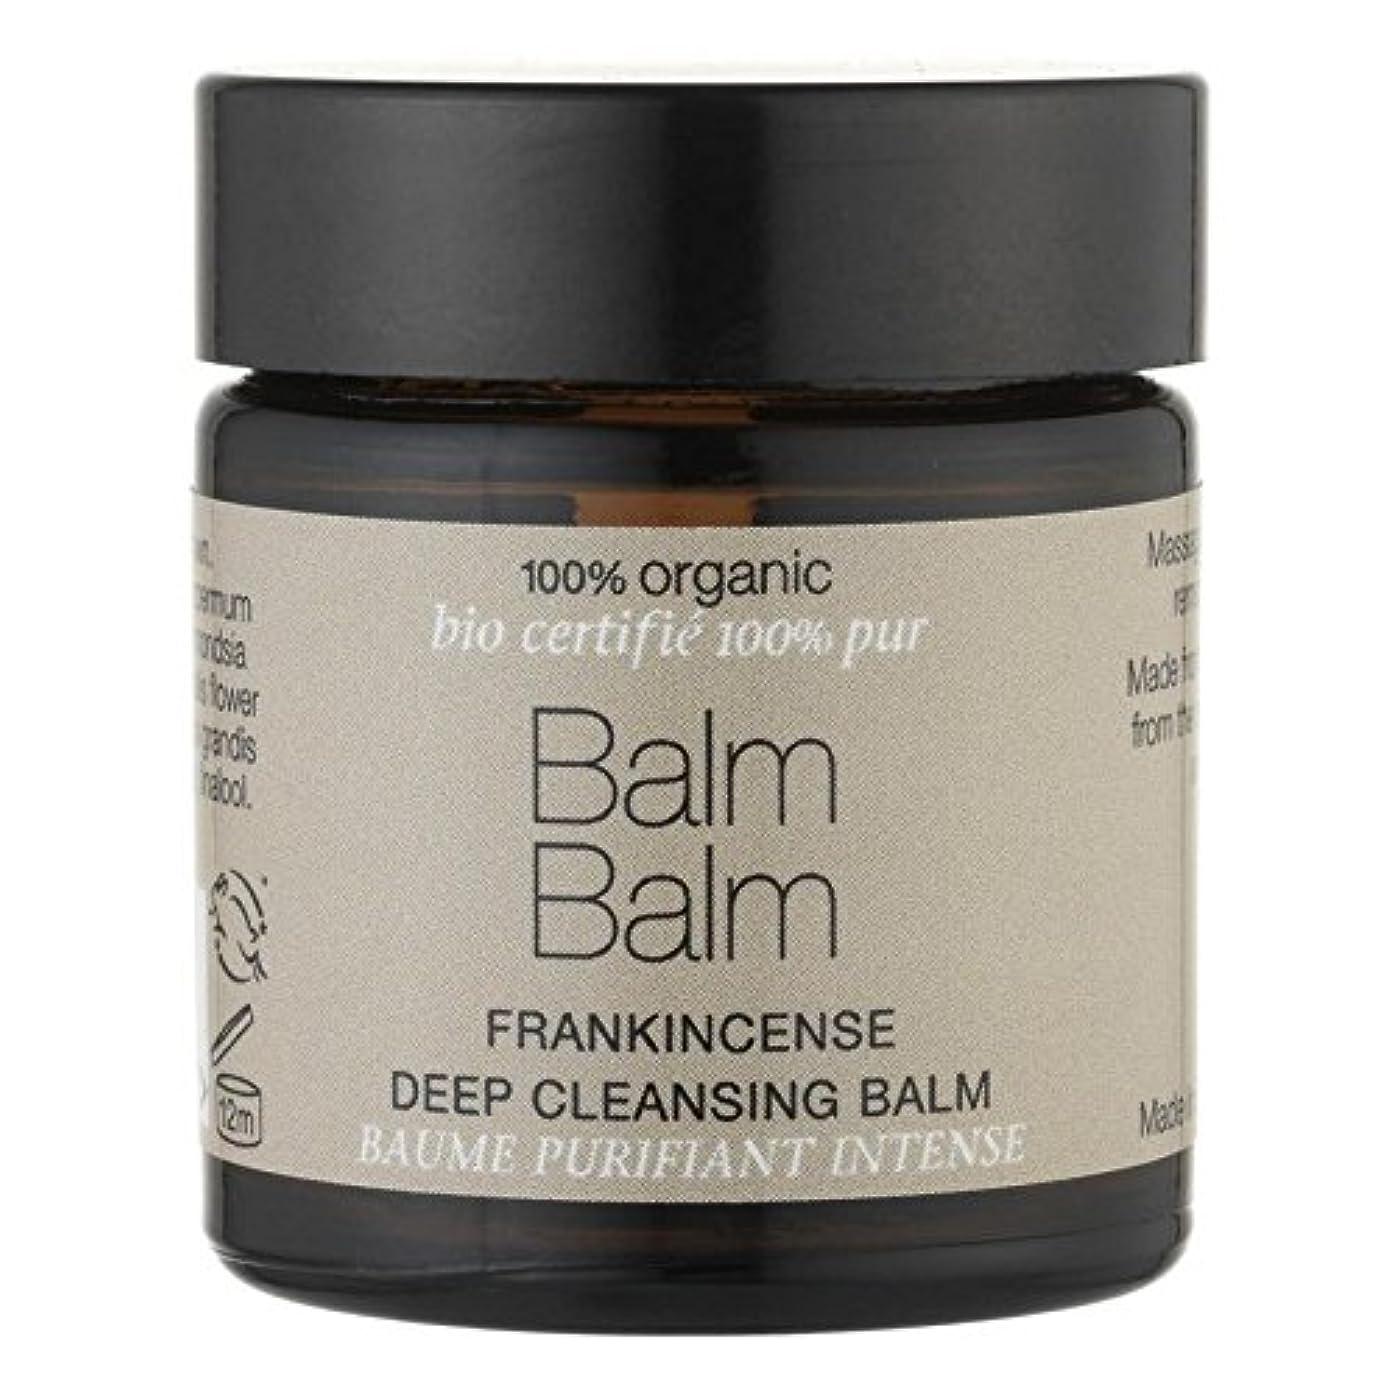 信者症候群知覚バームバーム乳香有機ディープクレンジングクリーム30ミリリットル x2 - Balm Balm Frankincense Organic Deep Cleansing Balm 30ml (Pack of 2) [並行輸入品]